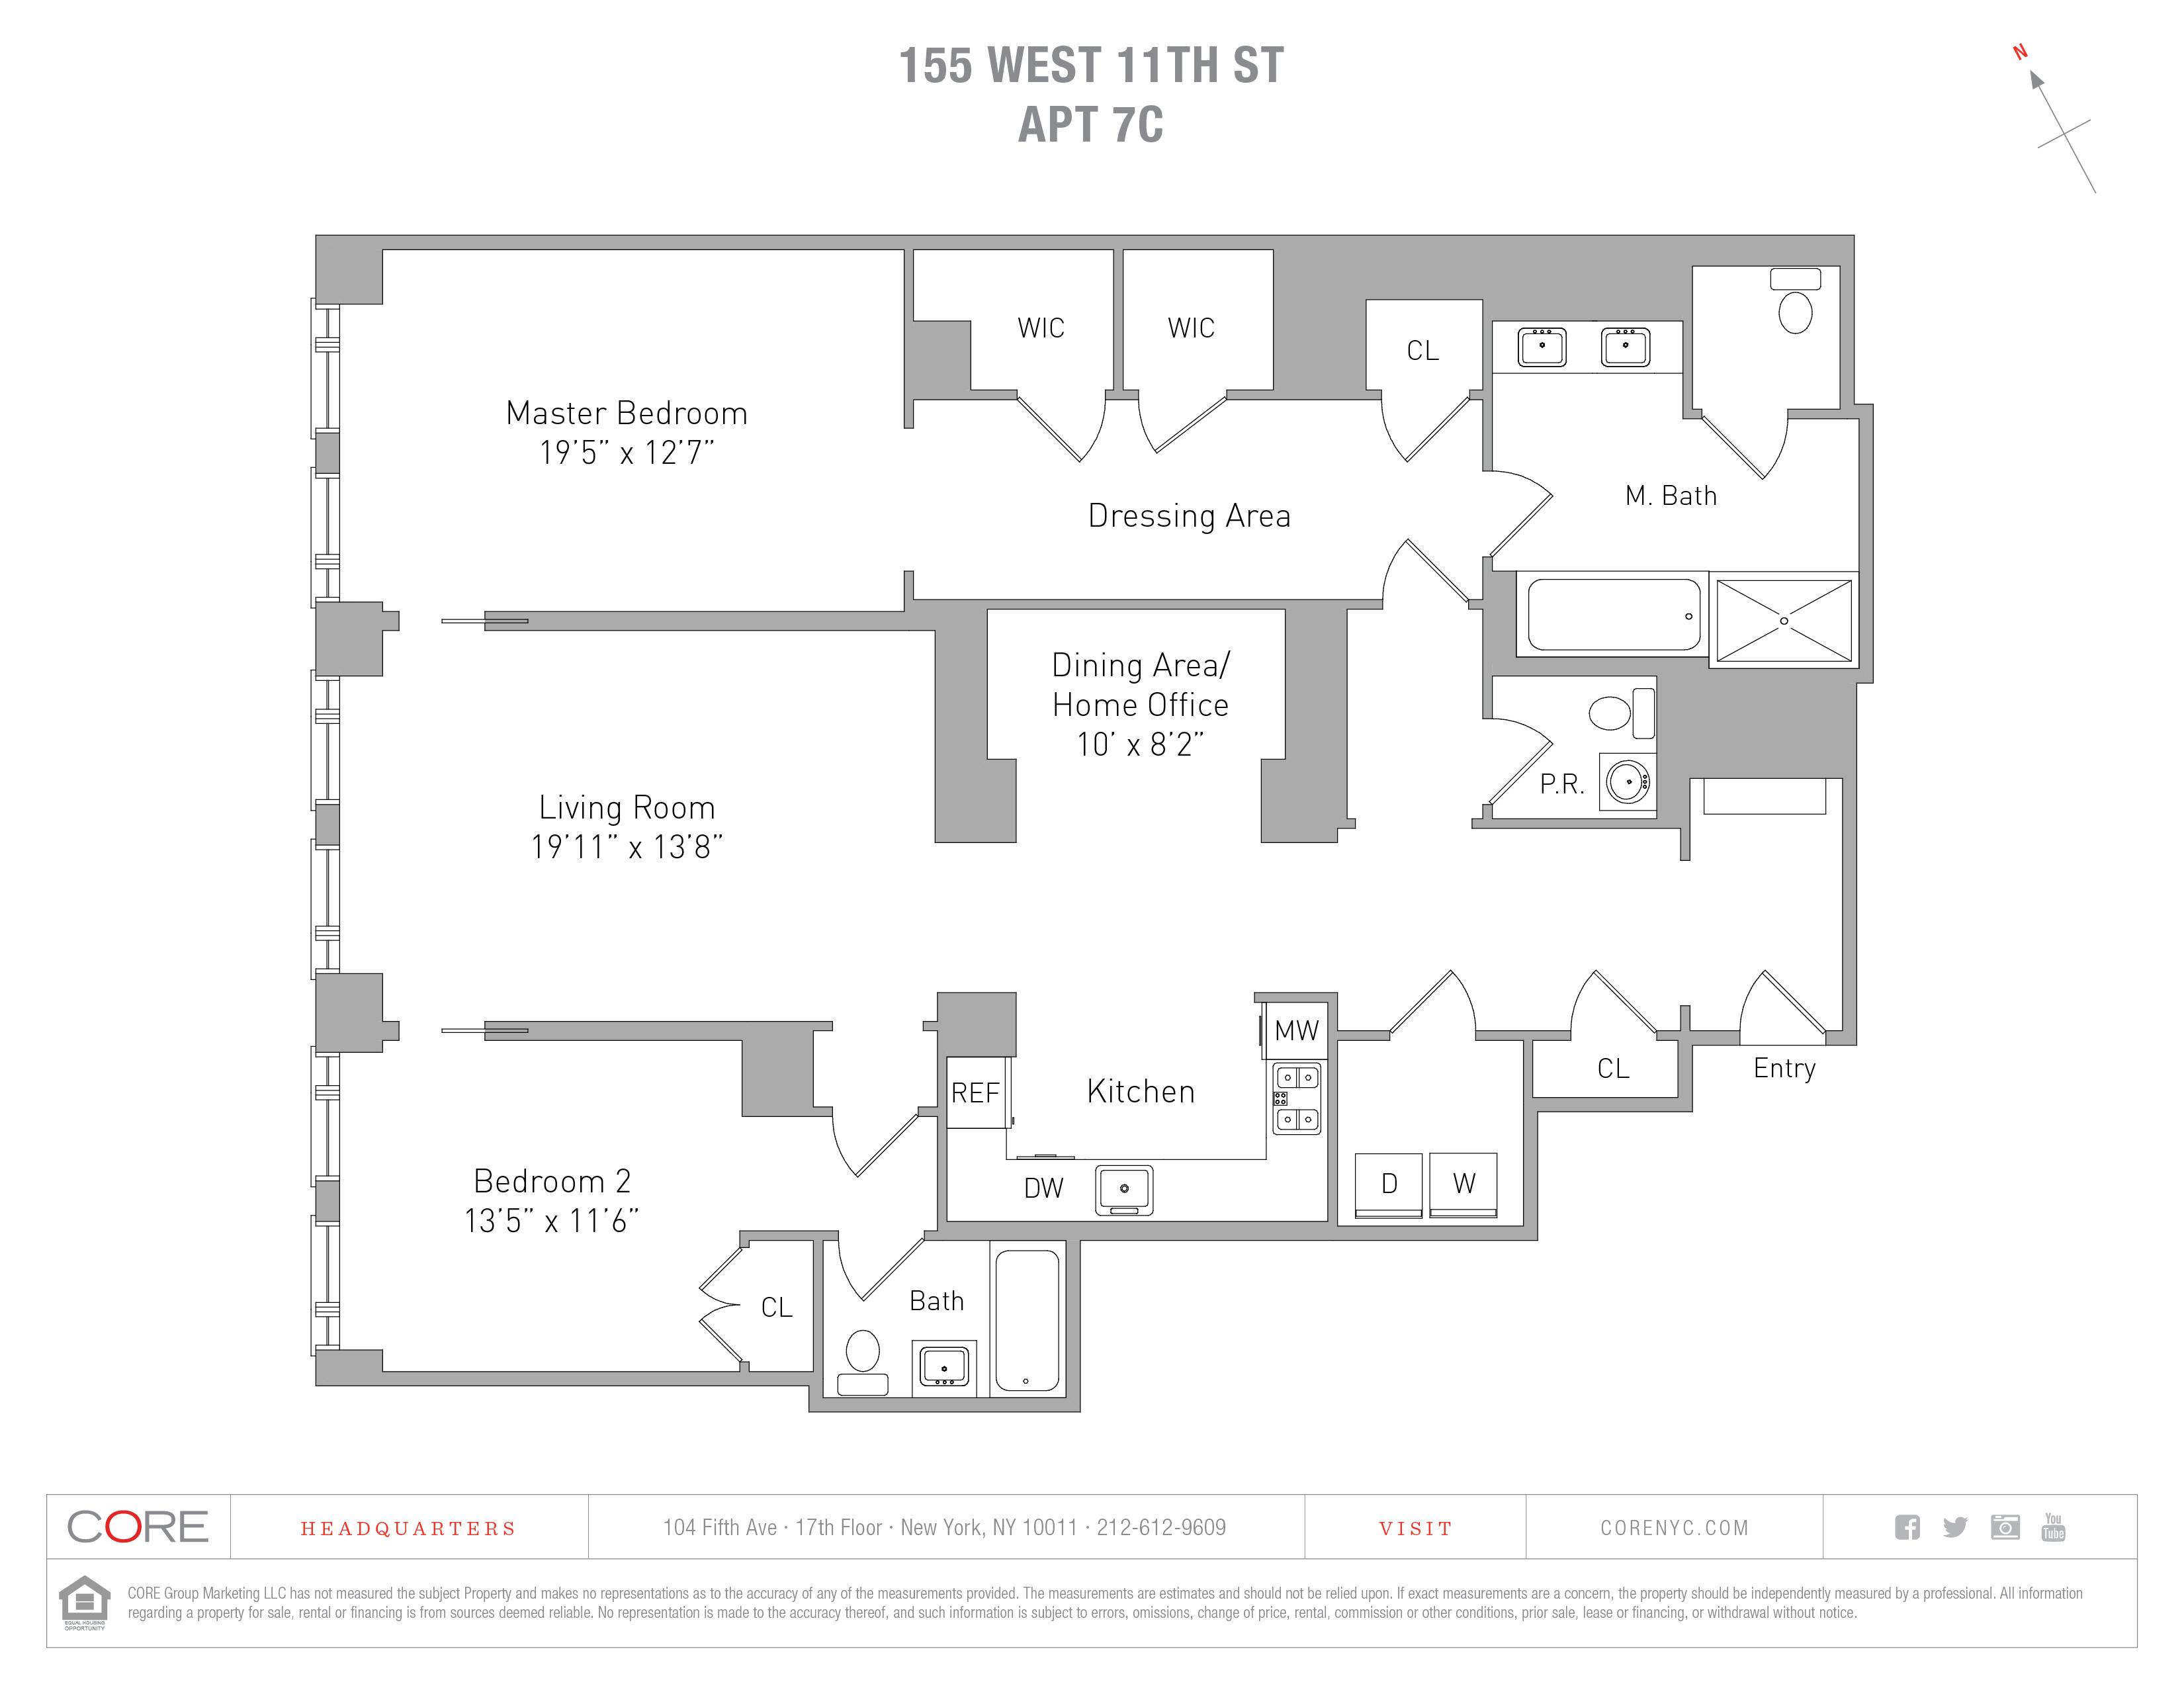 155 West 11th St. 7C, New York, NY 10011